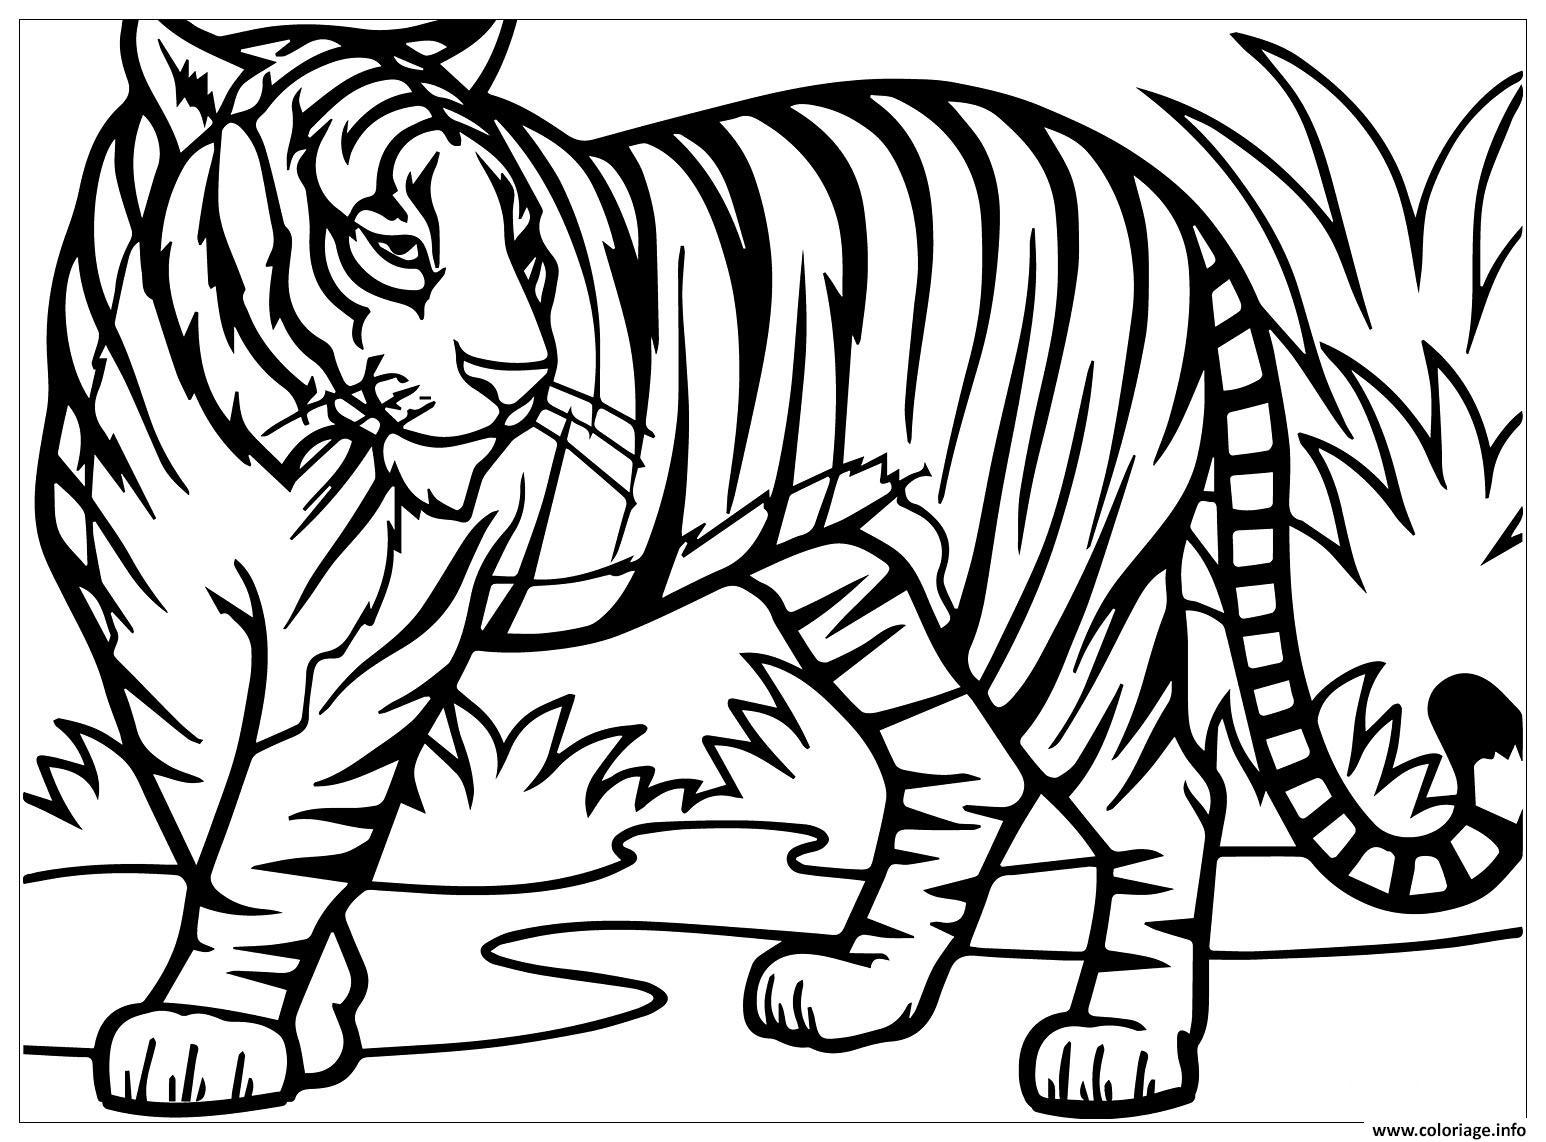 Coloriage tigre sauvage dans la nature - JeColorie.com